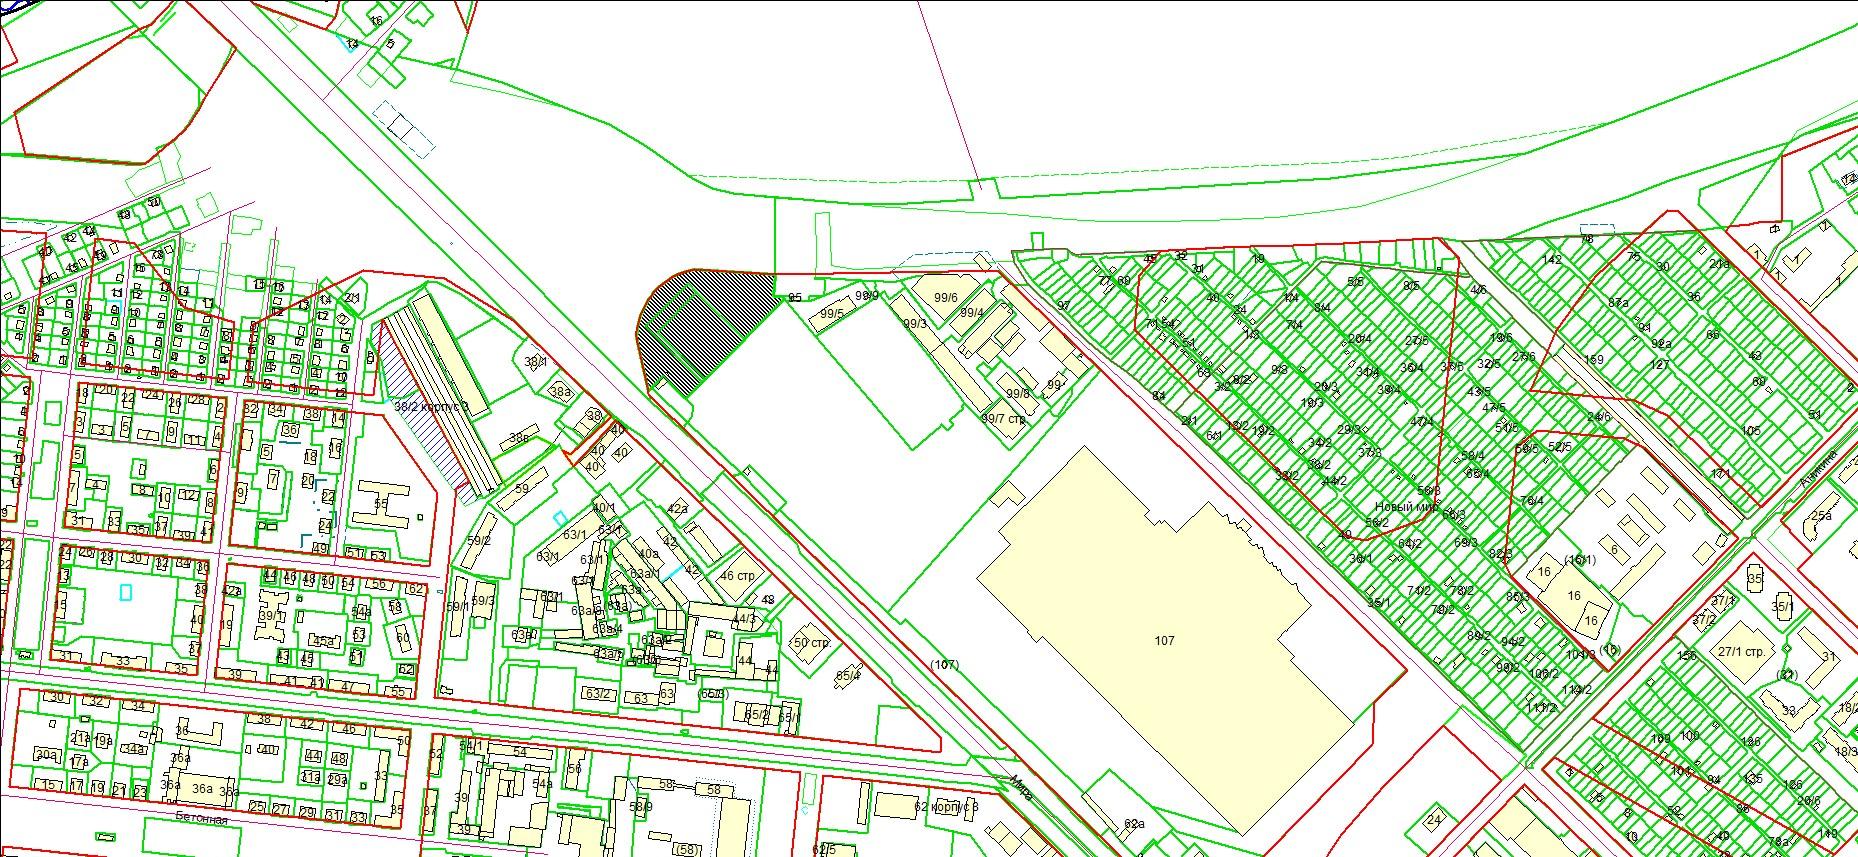 Схема расположения земельного участка по адресу: ул. Ватутина, з/у 103/1, Кировский район